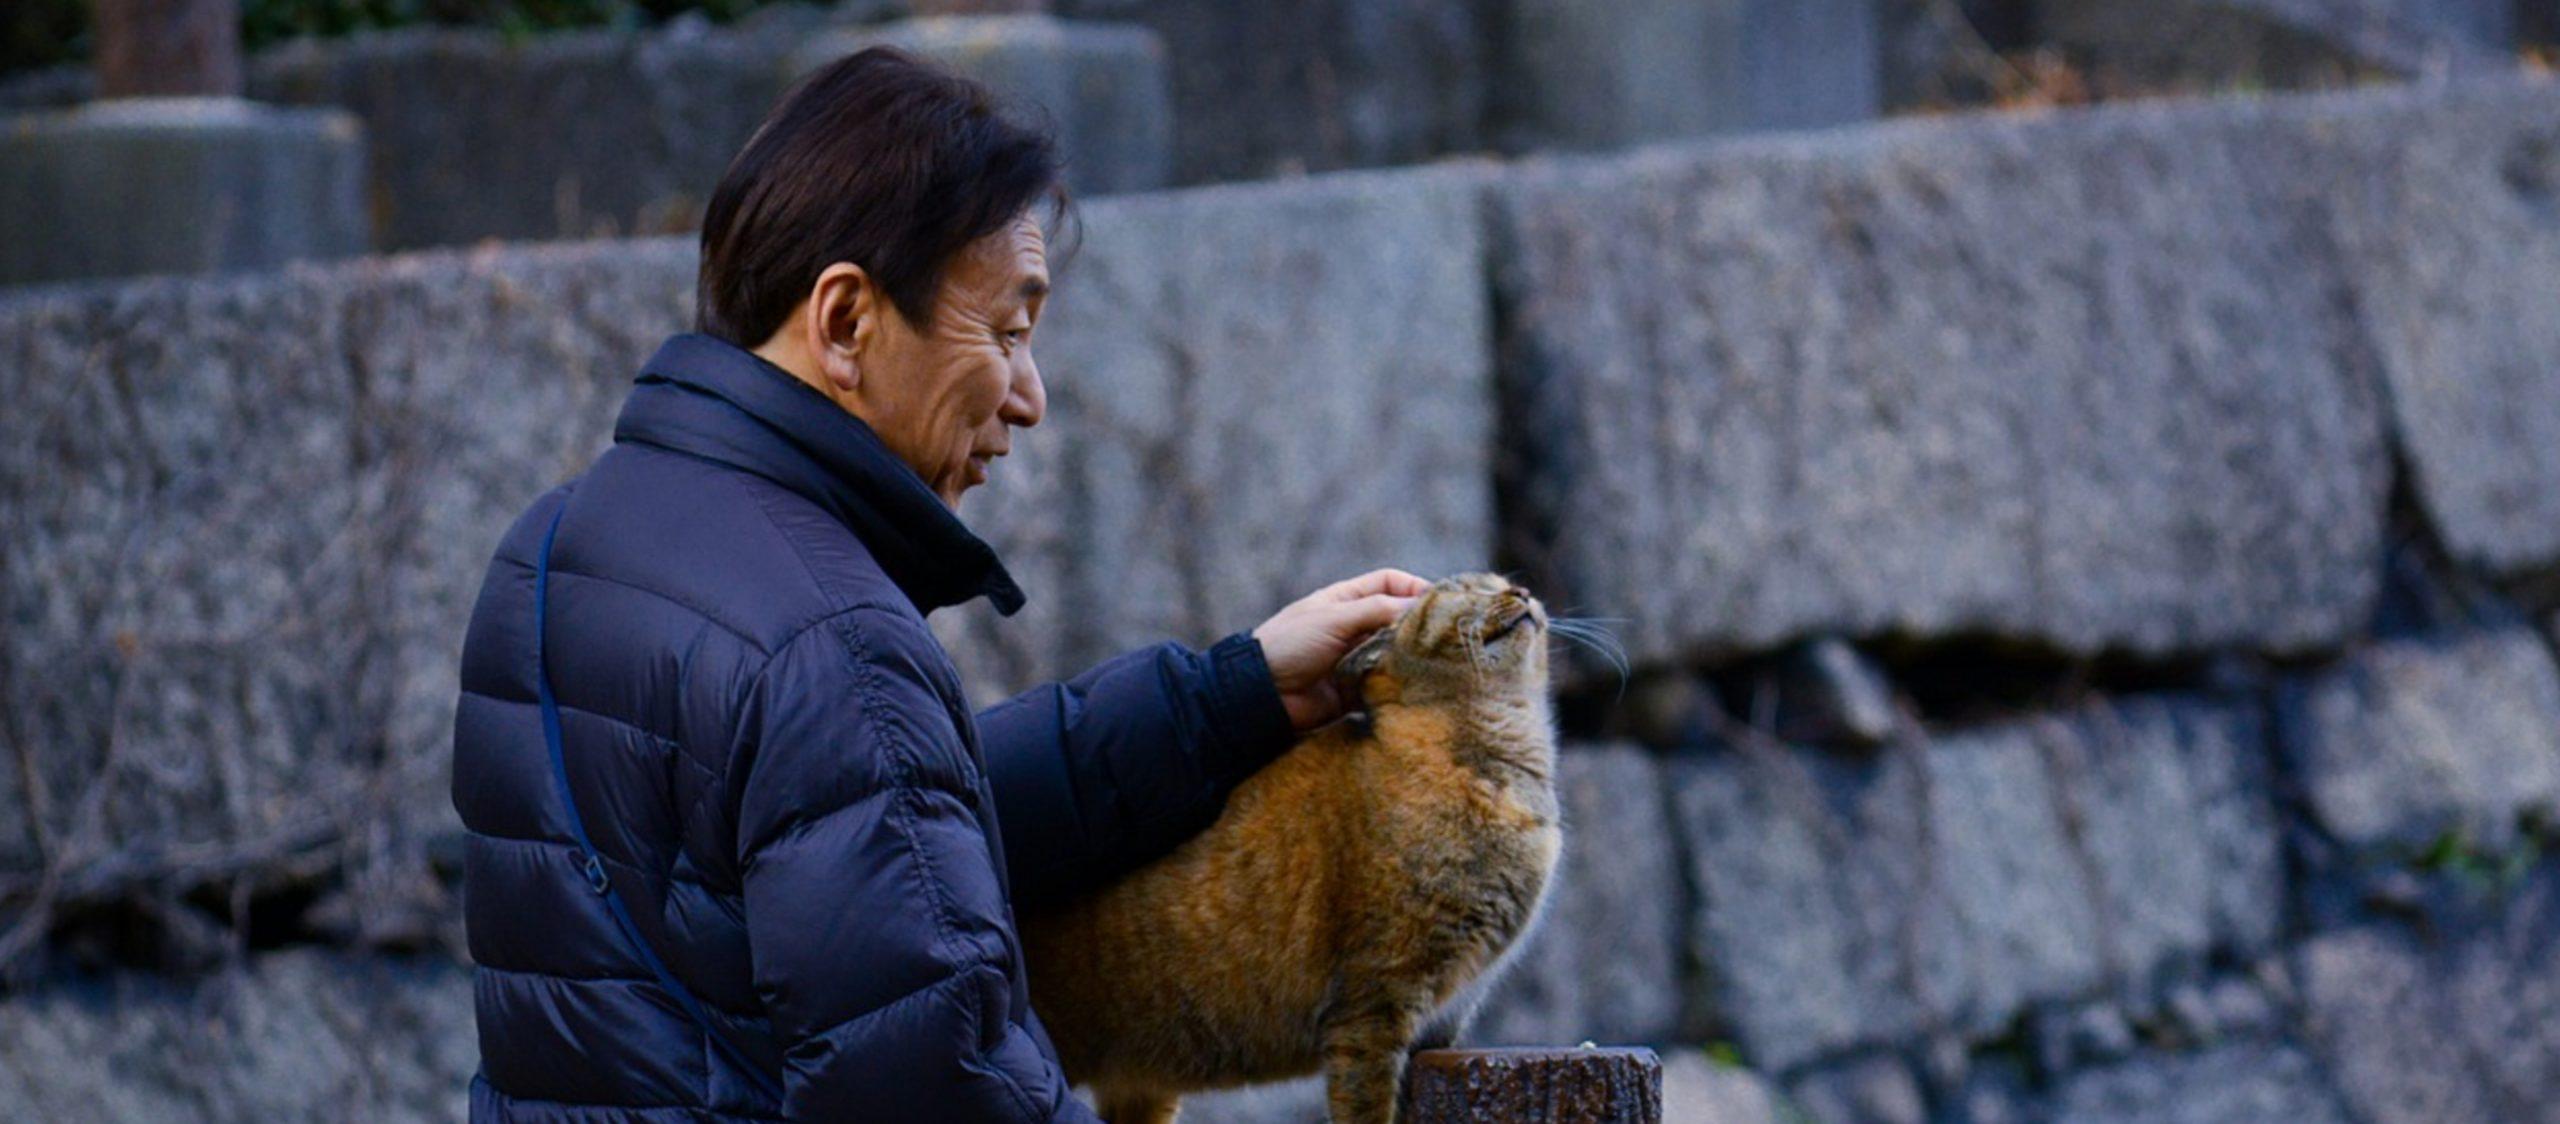 ตายแล้วแมวไปไหน? กิจการ 'บ้านพักแมวชรา' ในญี่ปุ่น